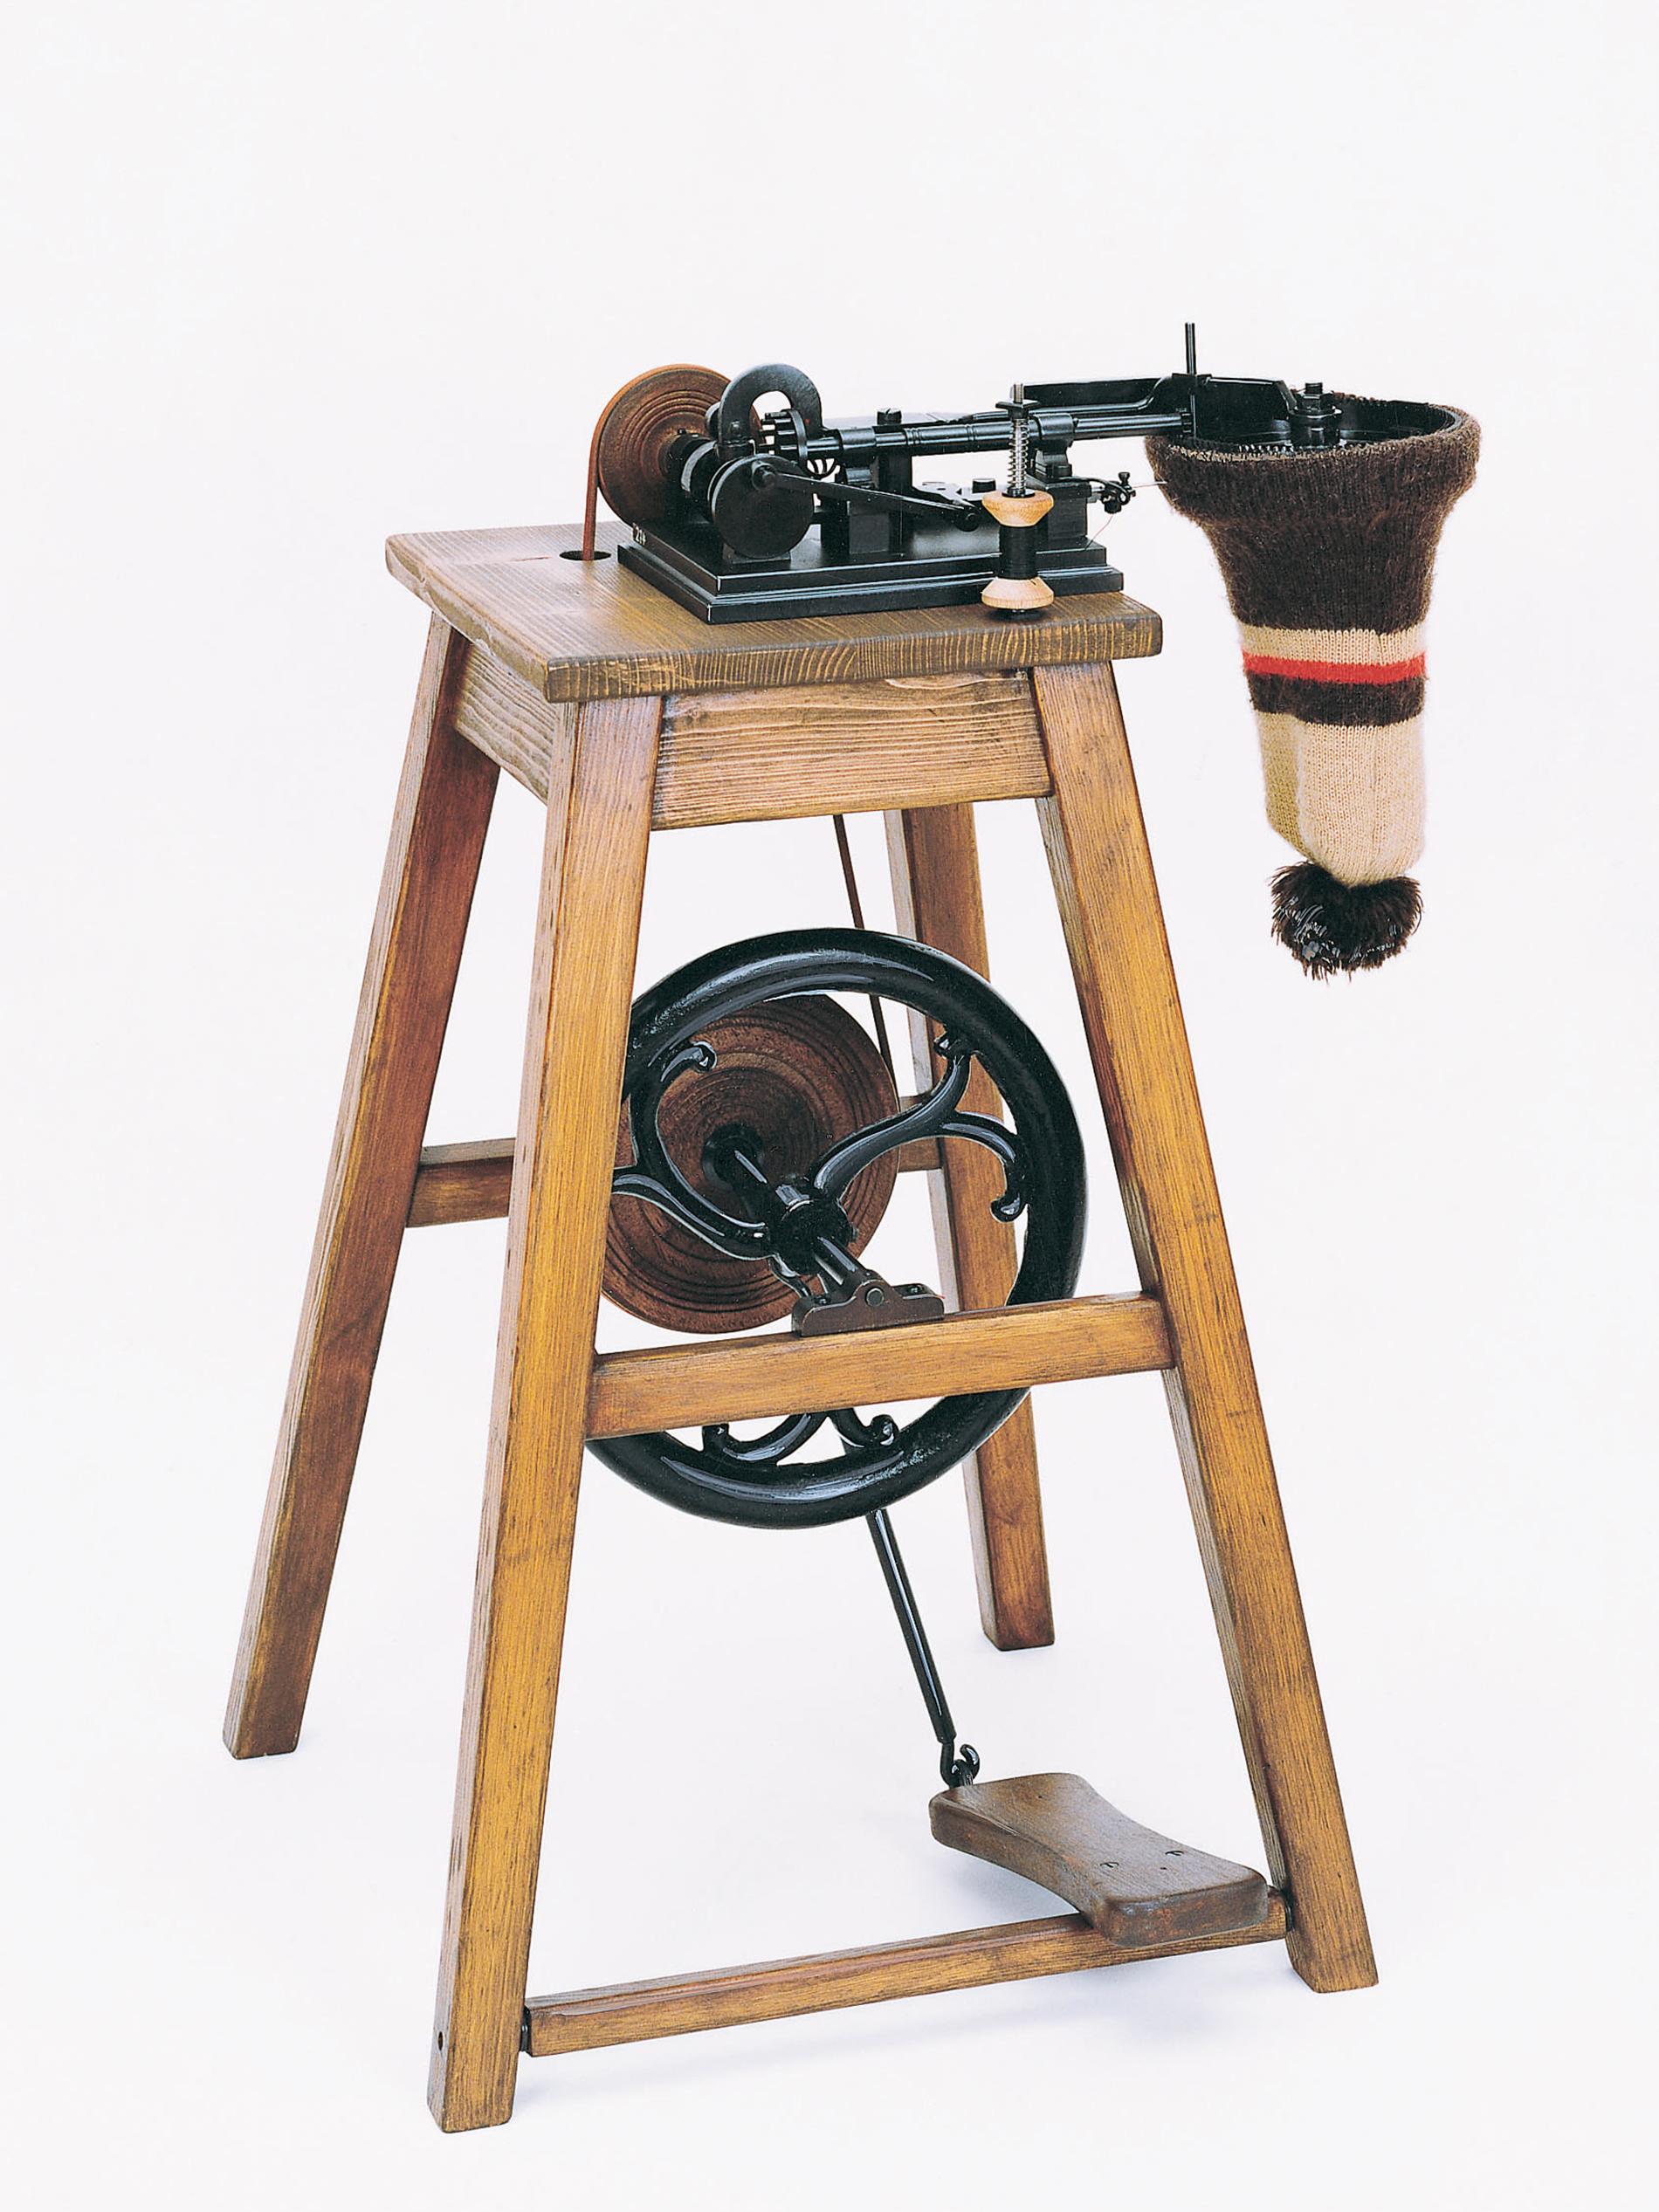 Nähmaschine Balthasar Krems, rekonstruiert | mey®